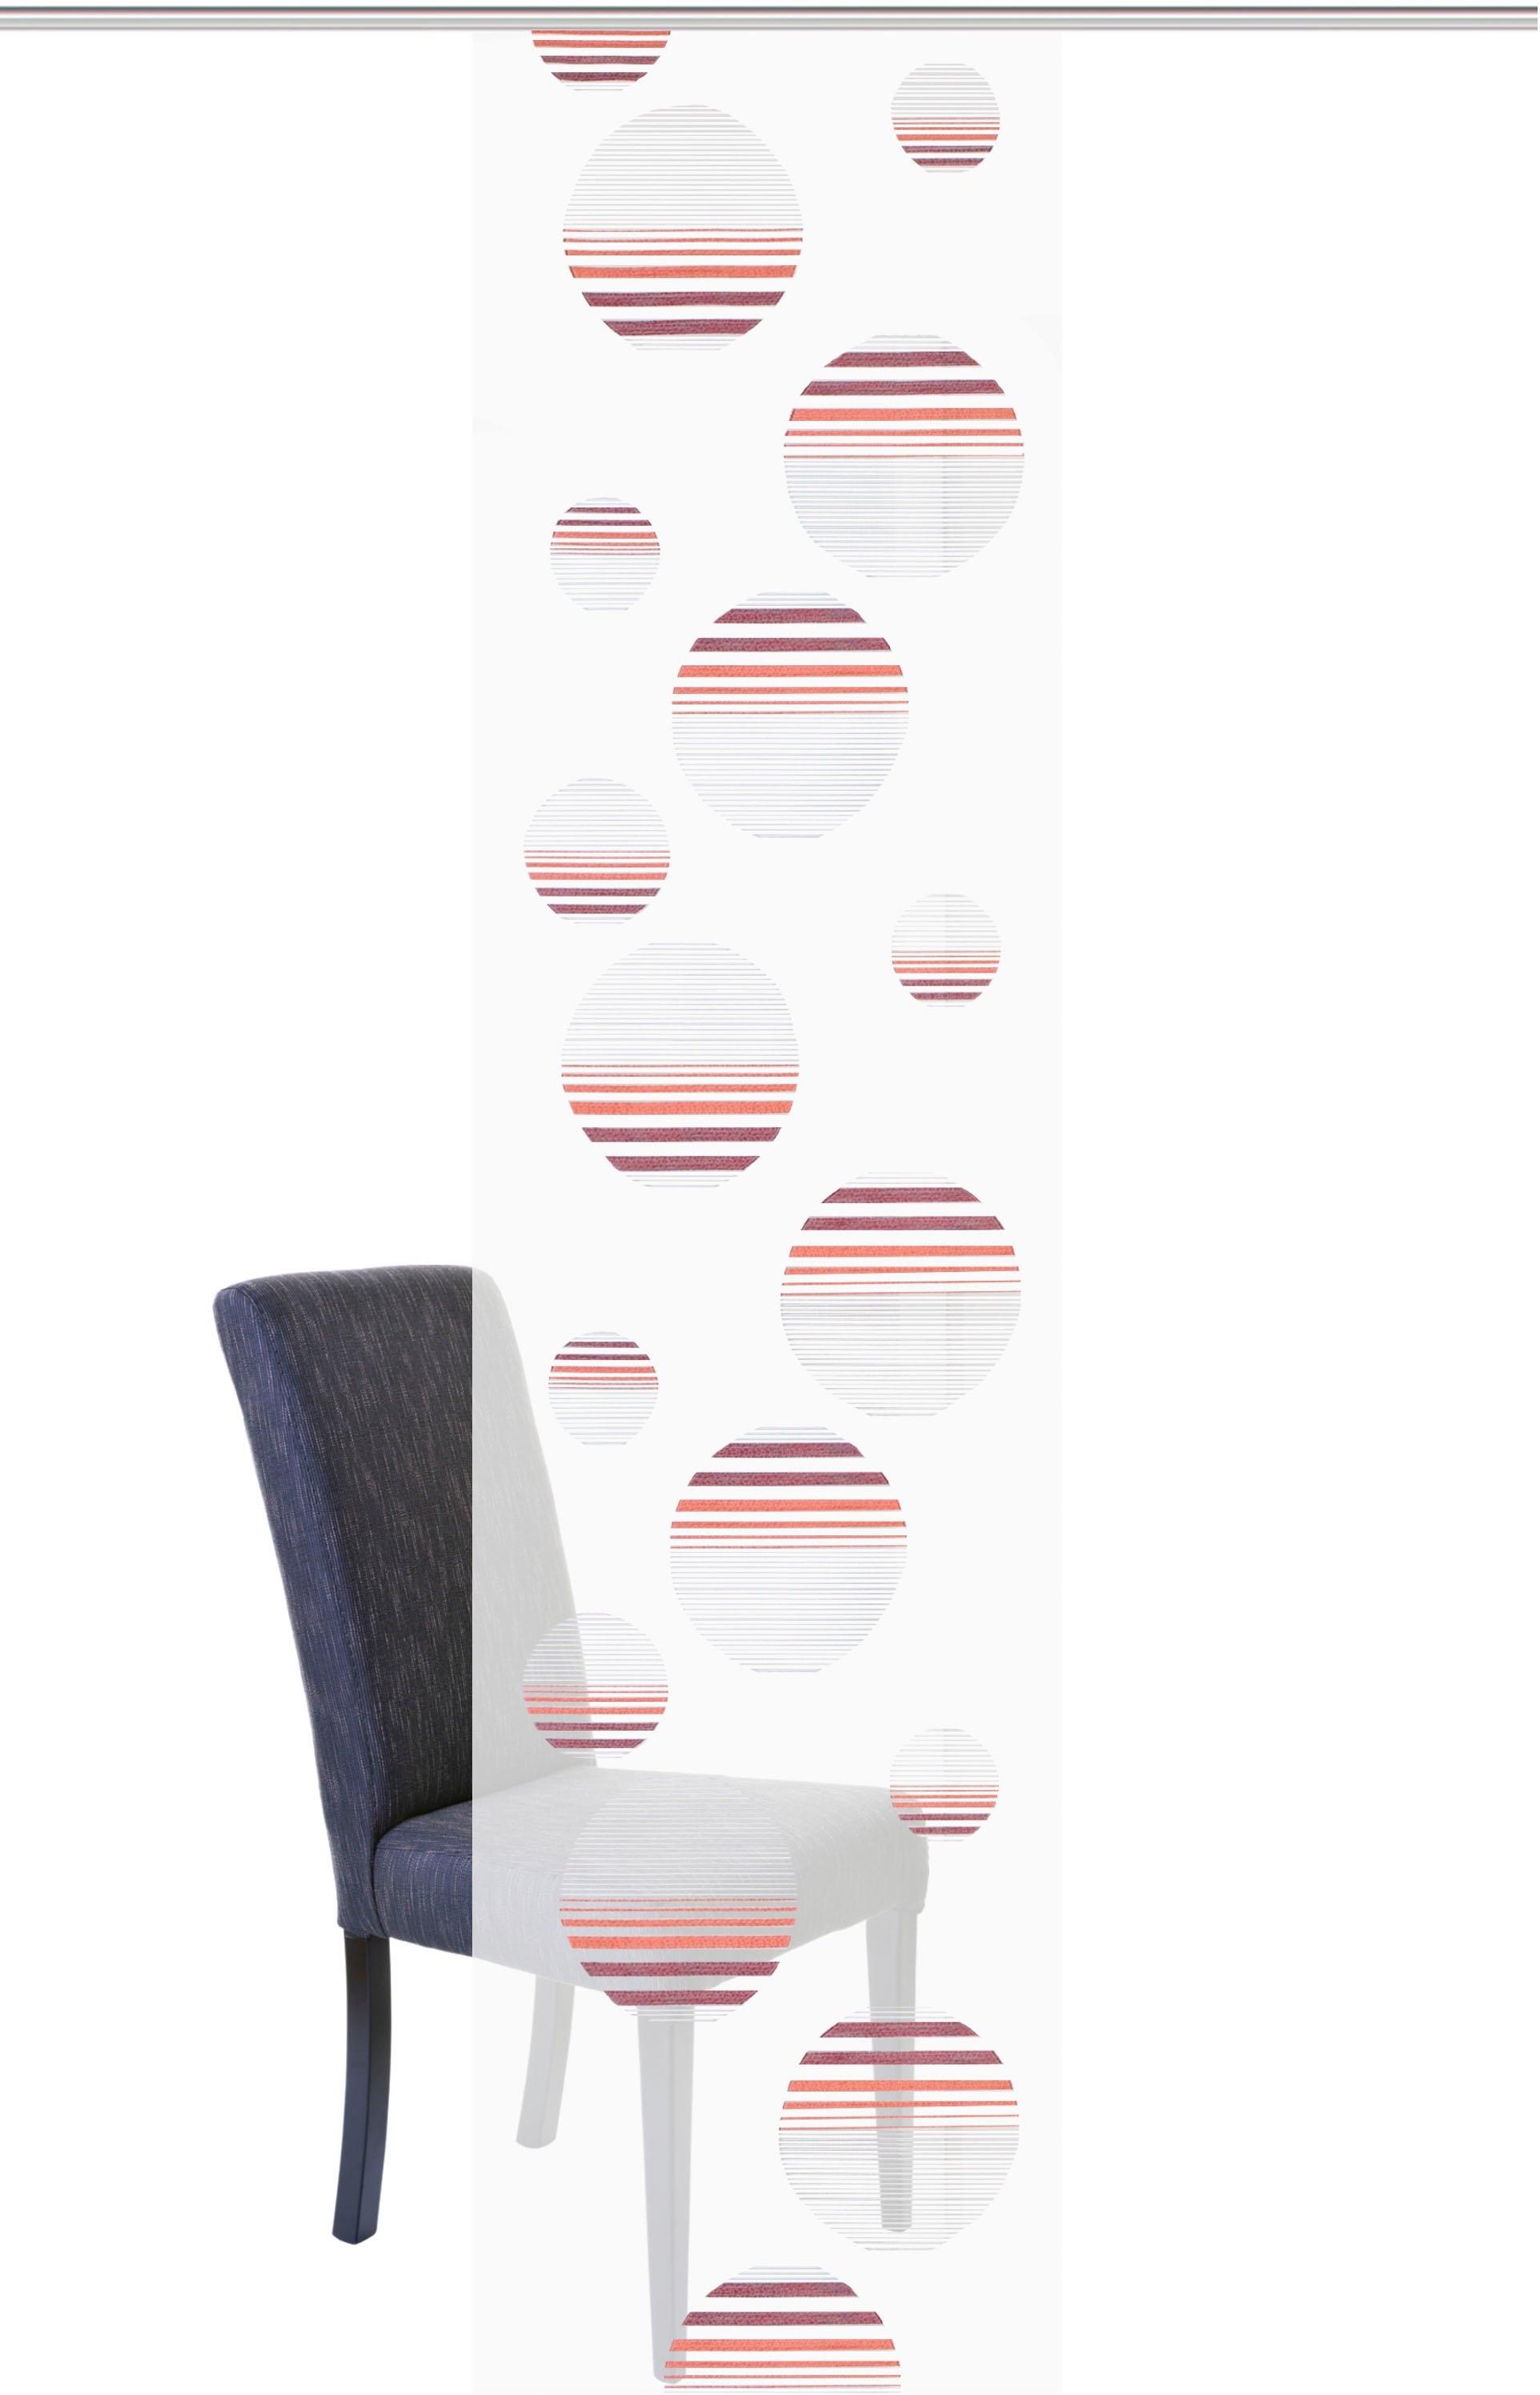 HOME WOHNIDEEN paneelgordijn CAPLIA HxB: 245x60, linnenstructuur (1 stuk) veilig op otto.nl kopen